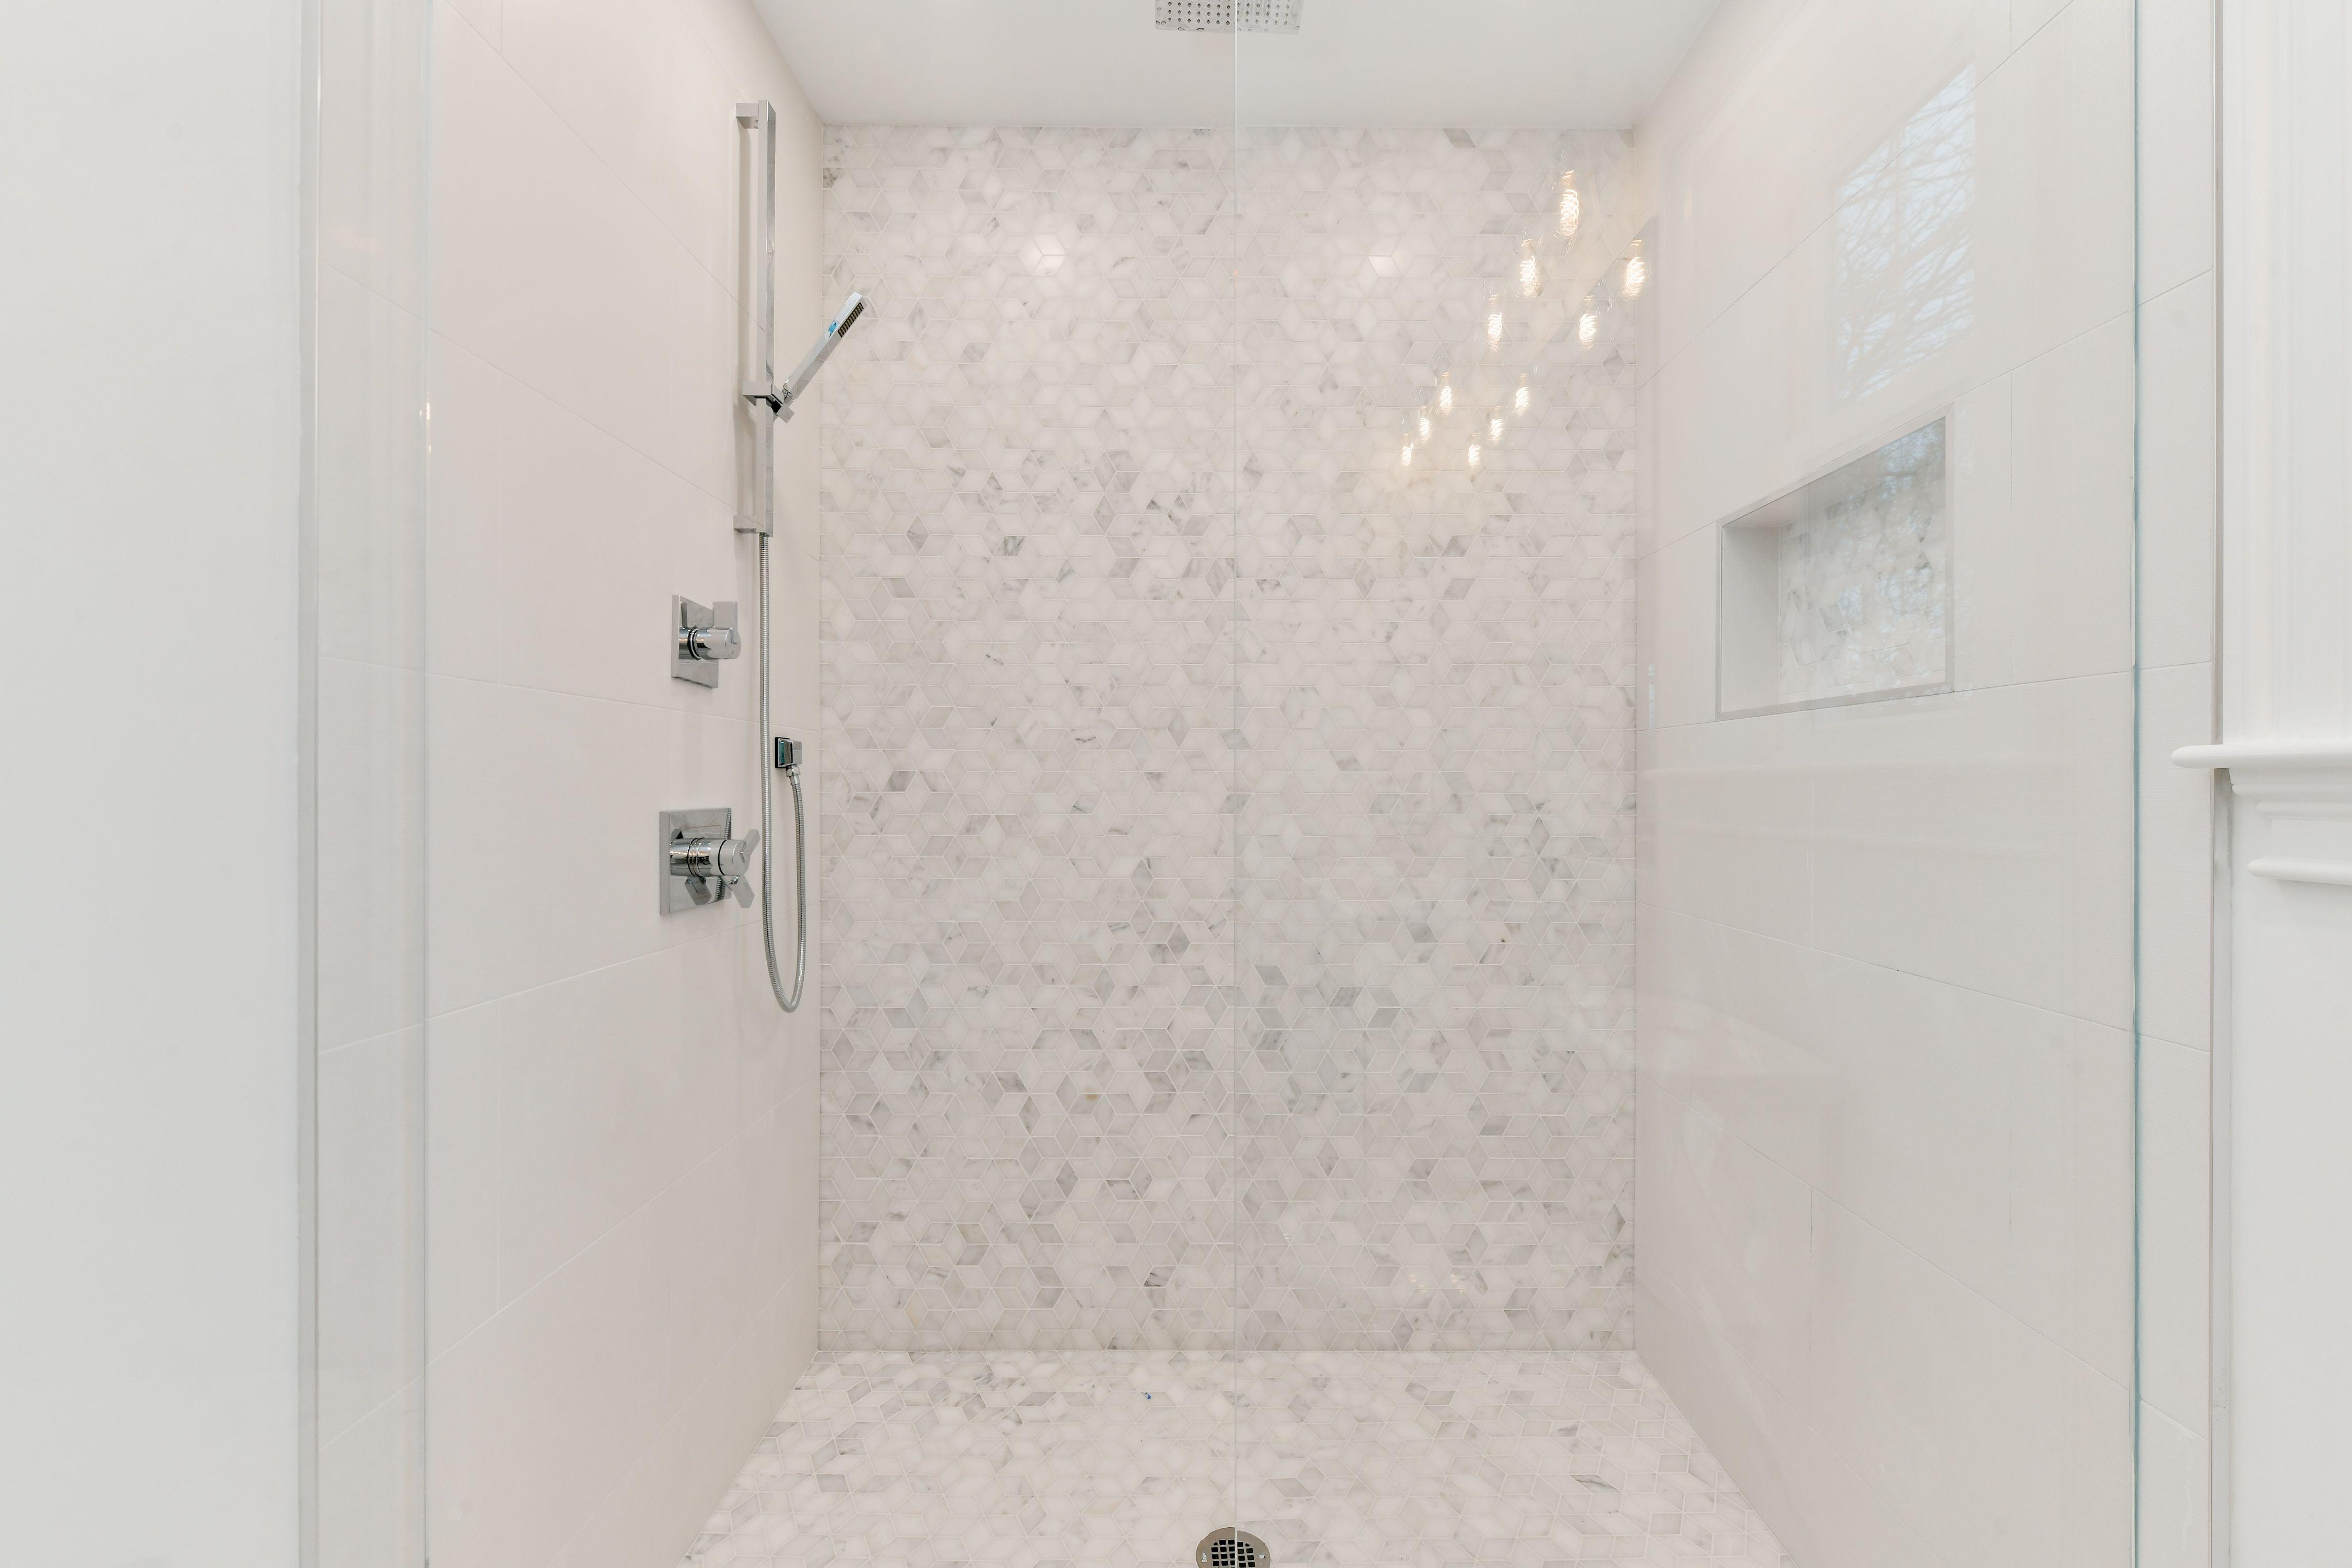 Riad Tile Casablanca Carrara Marble Shower Niche Amazing Showers Carrara Marble